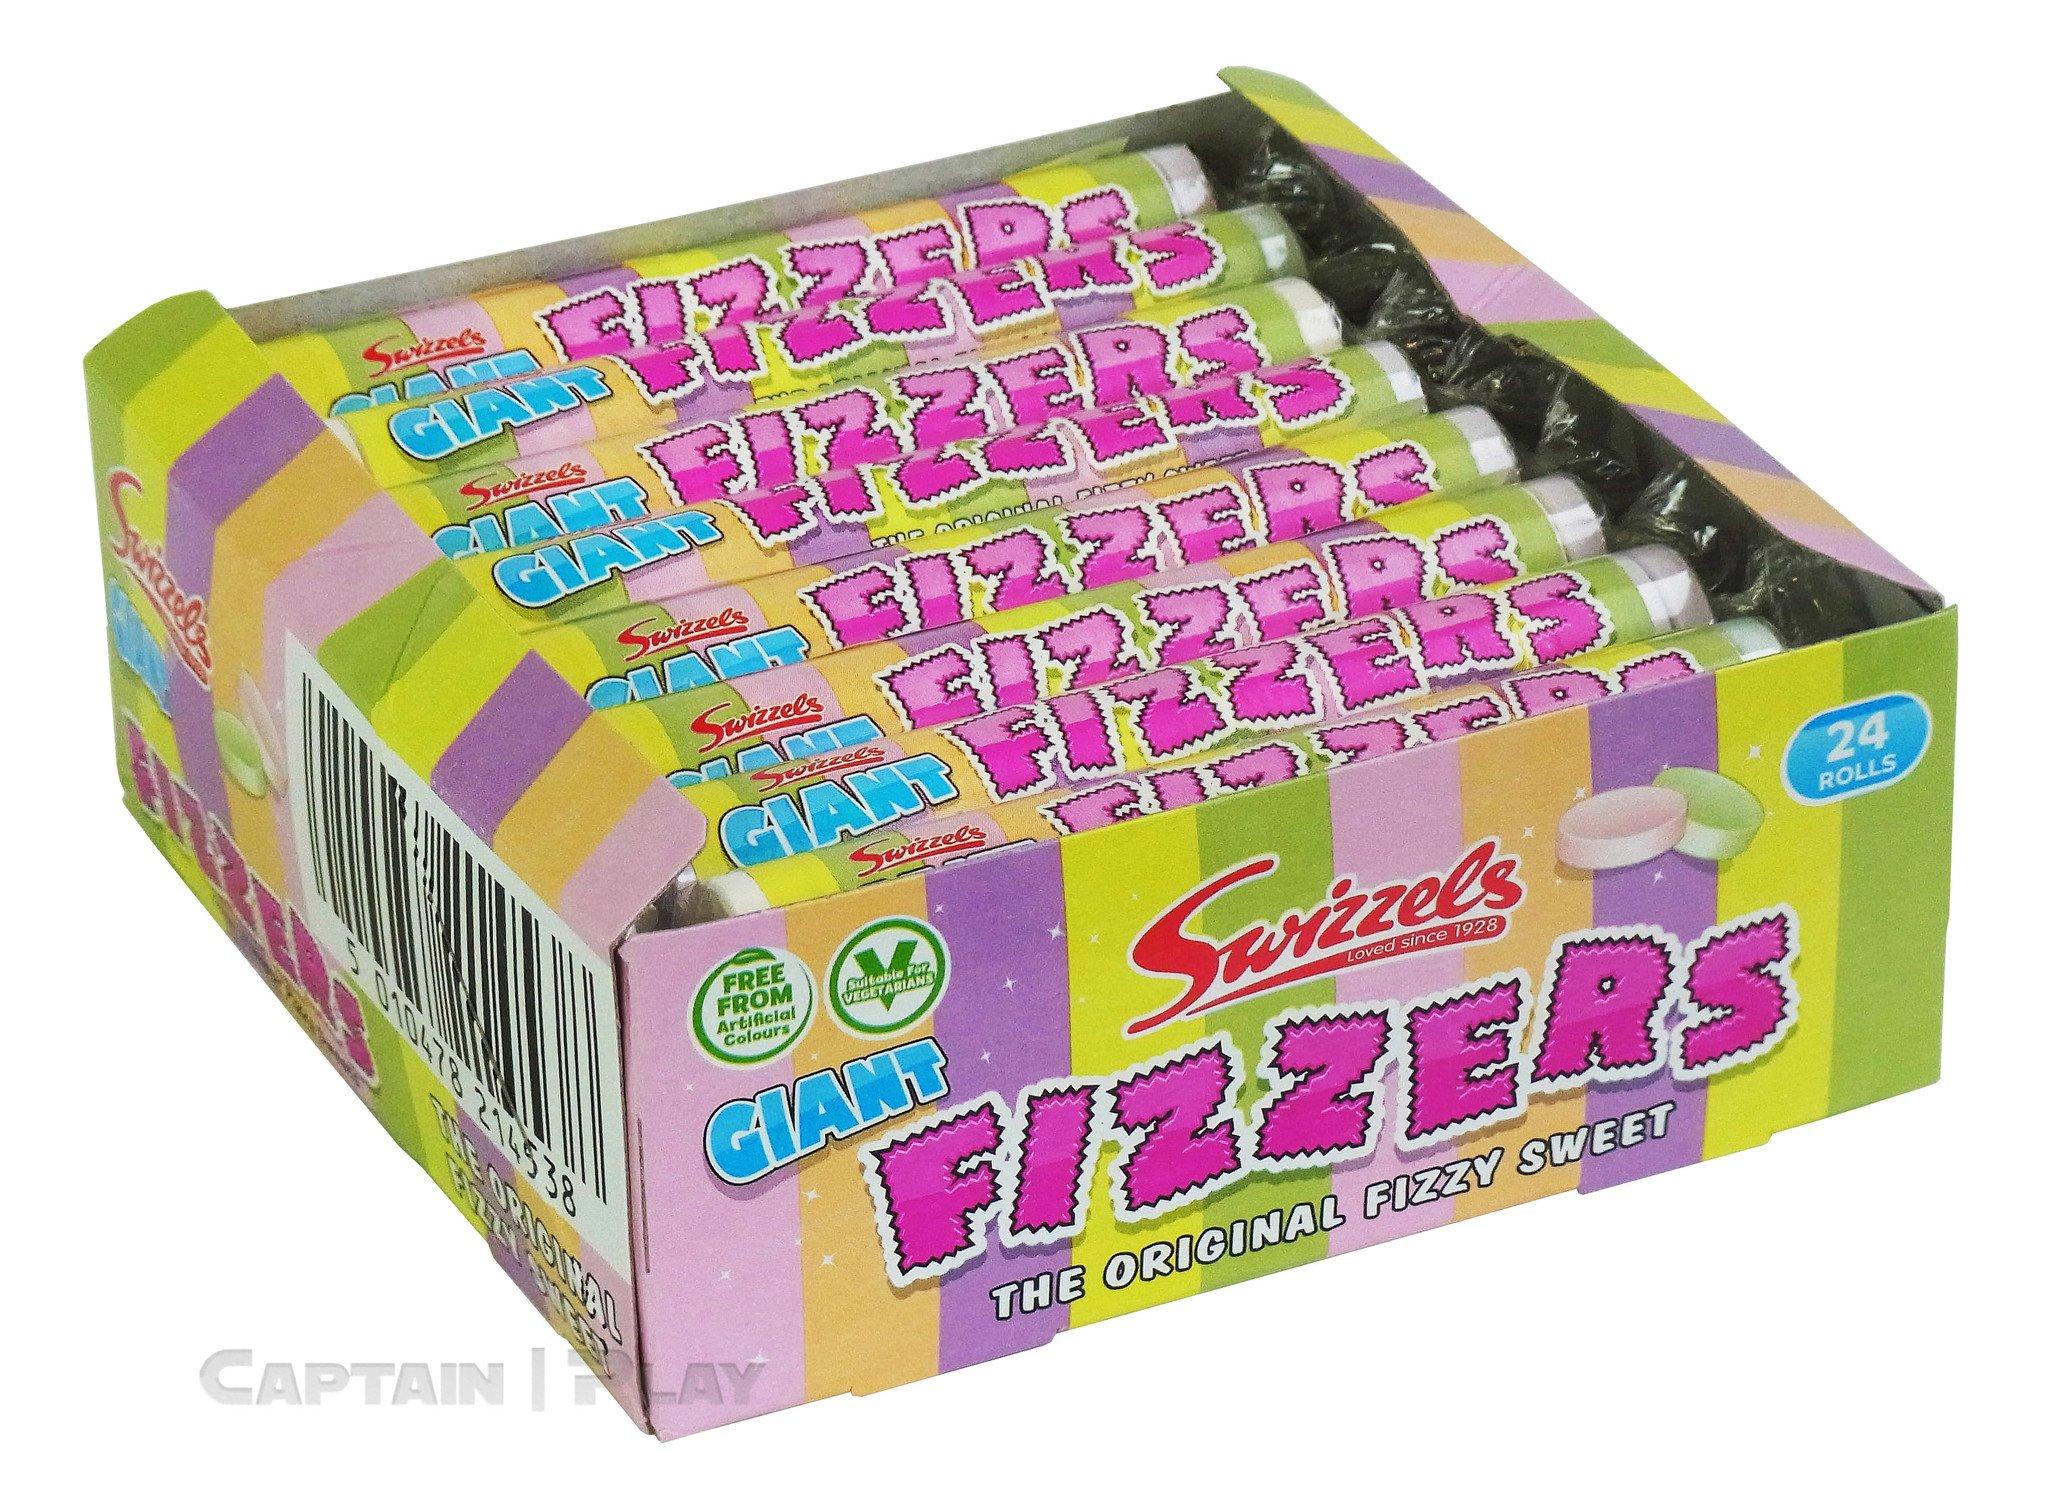 Swizzels Giant Fizzers Rollen 24 x 40g